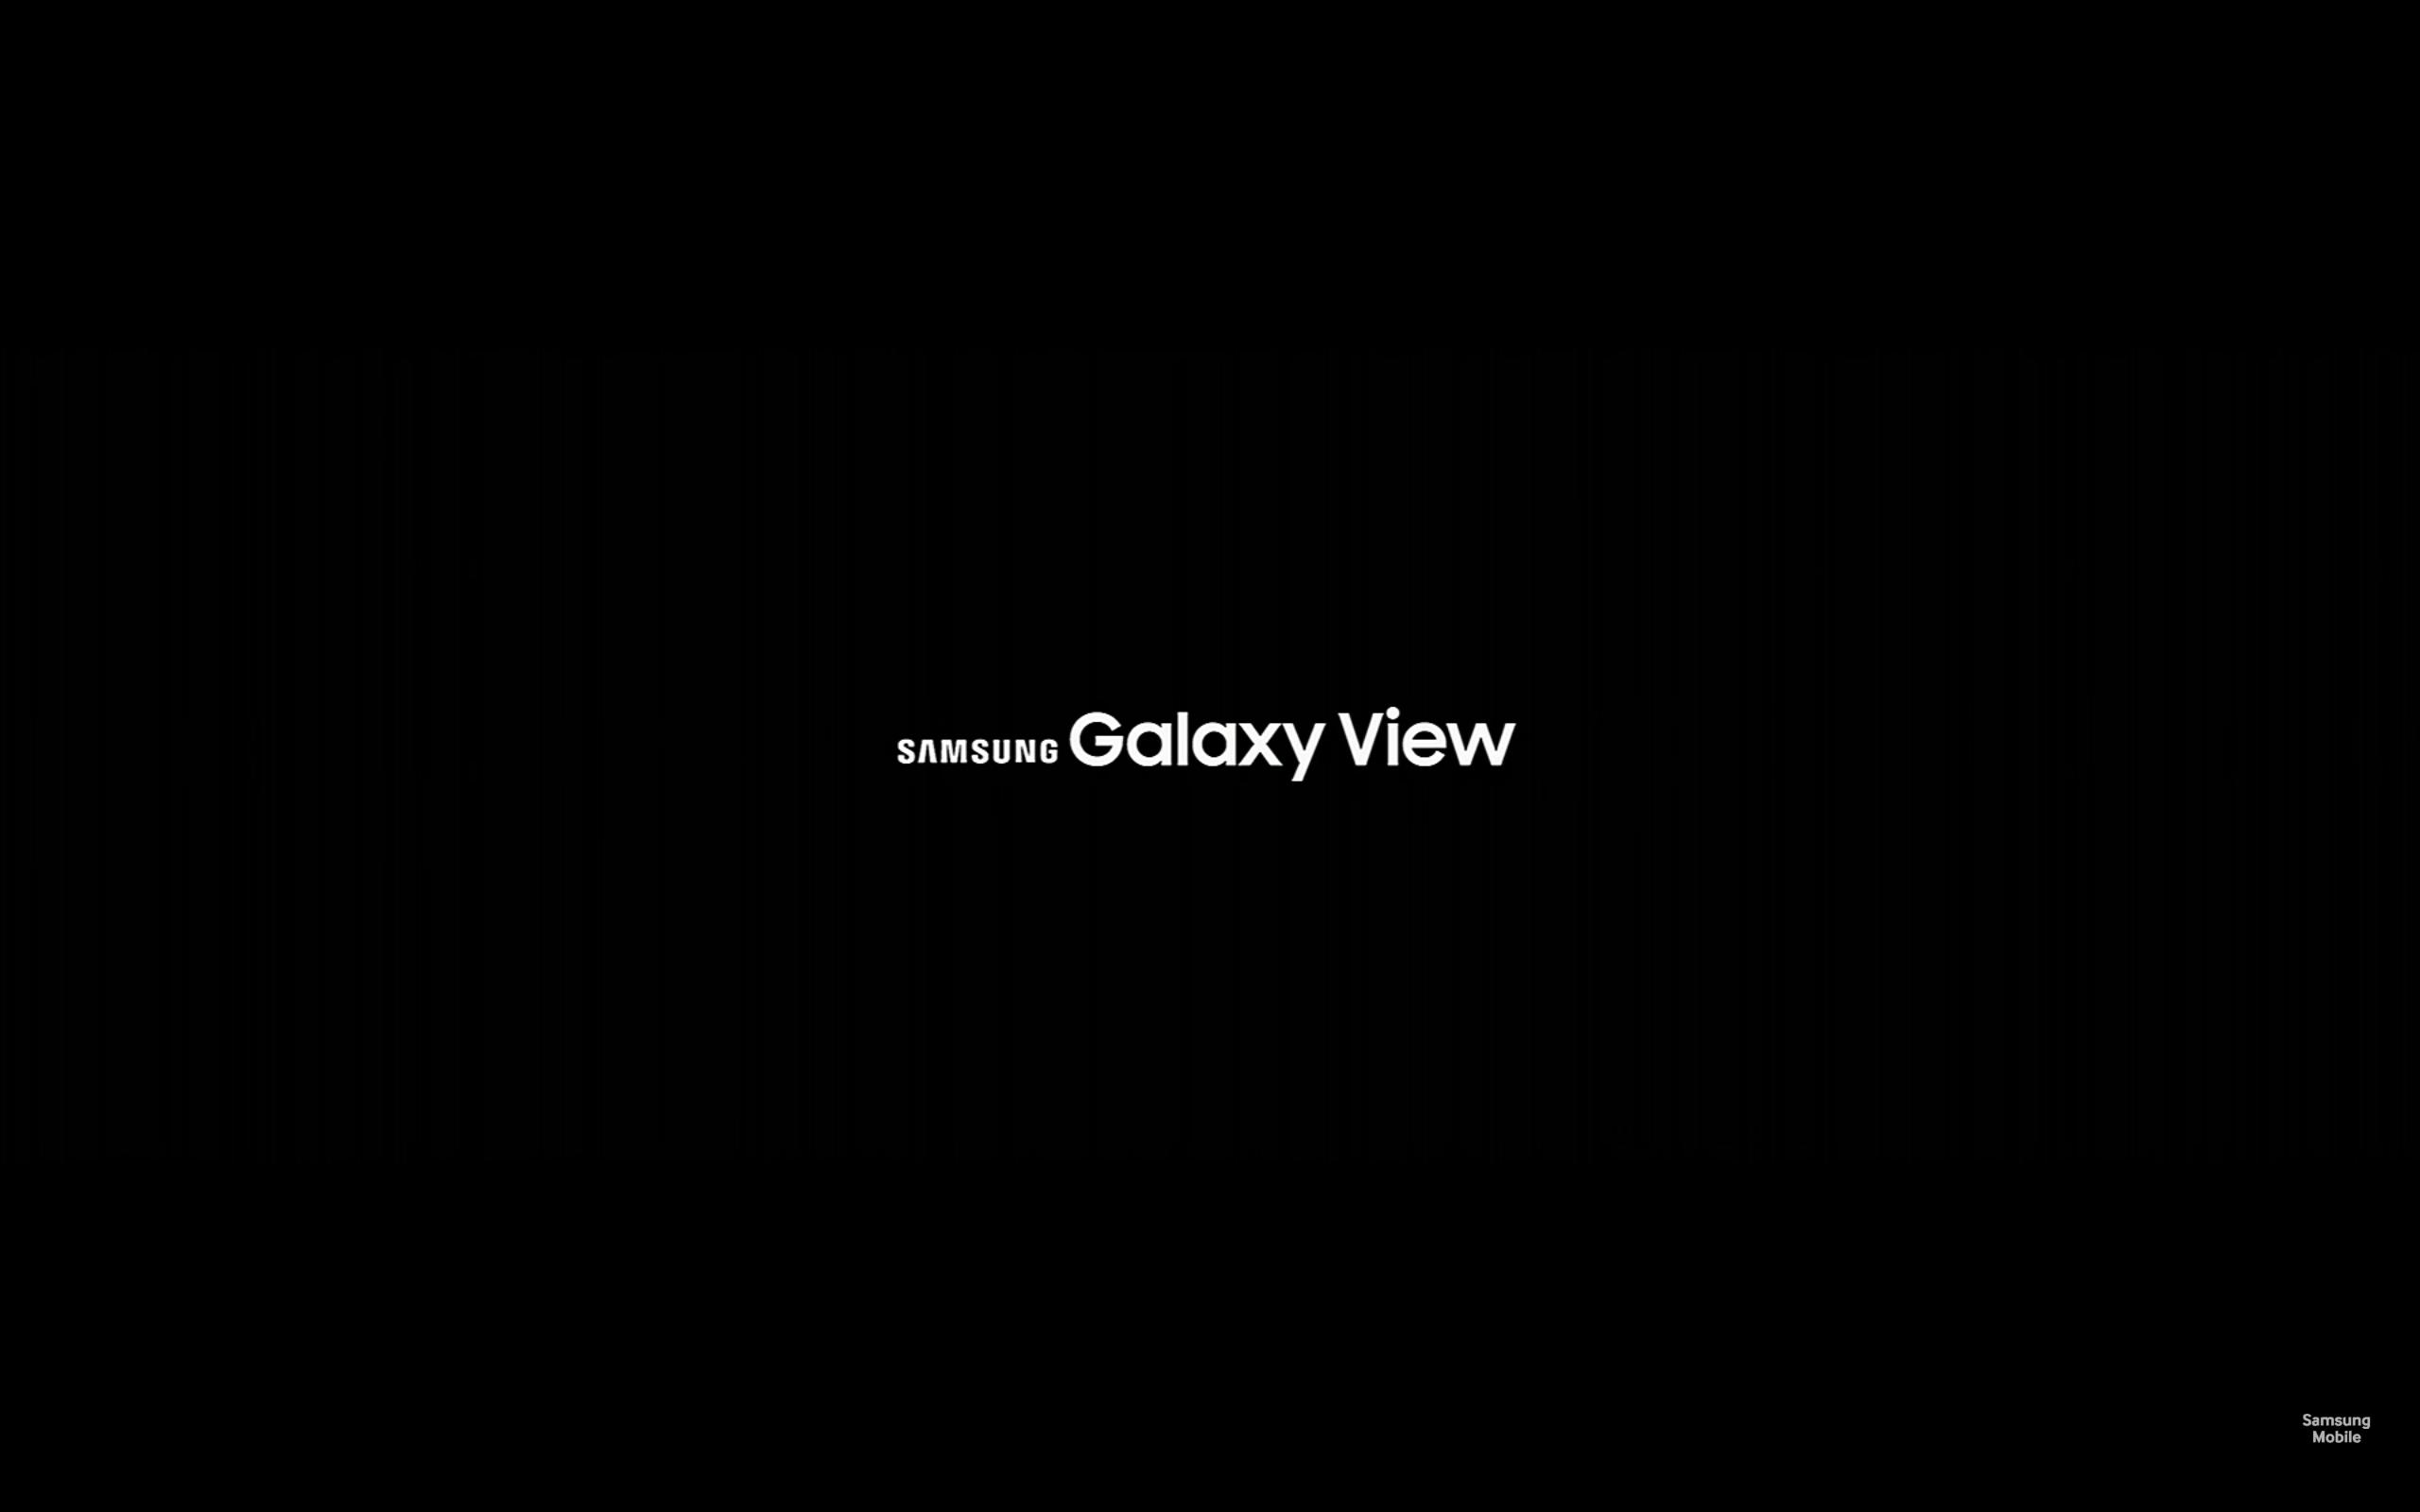 تایید ویژگی های منحصر به فرد Samsung Galaxy View توسط GFXBench